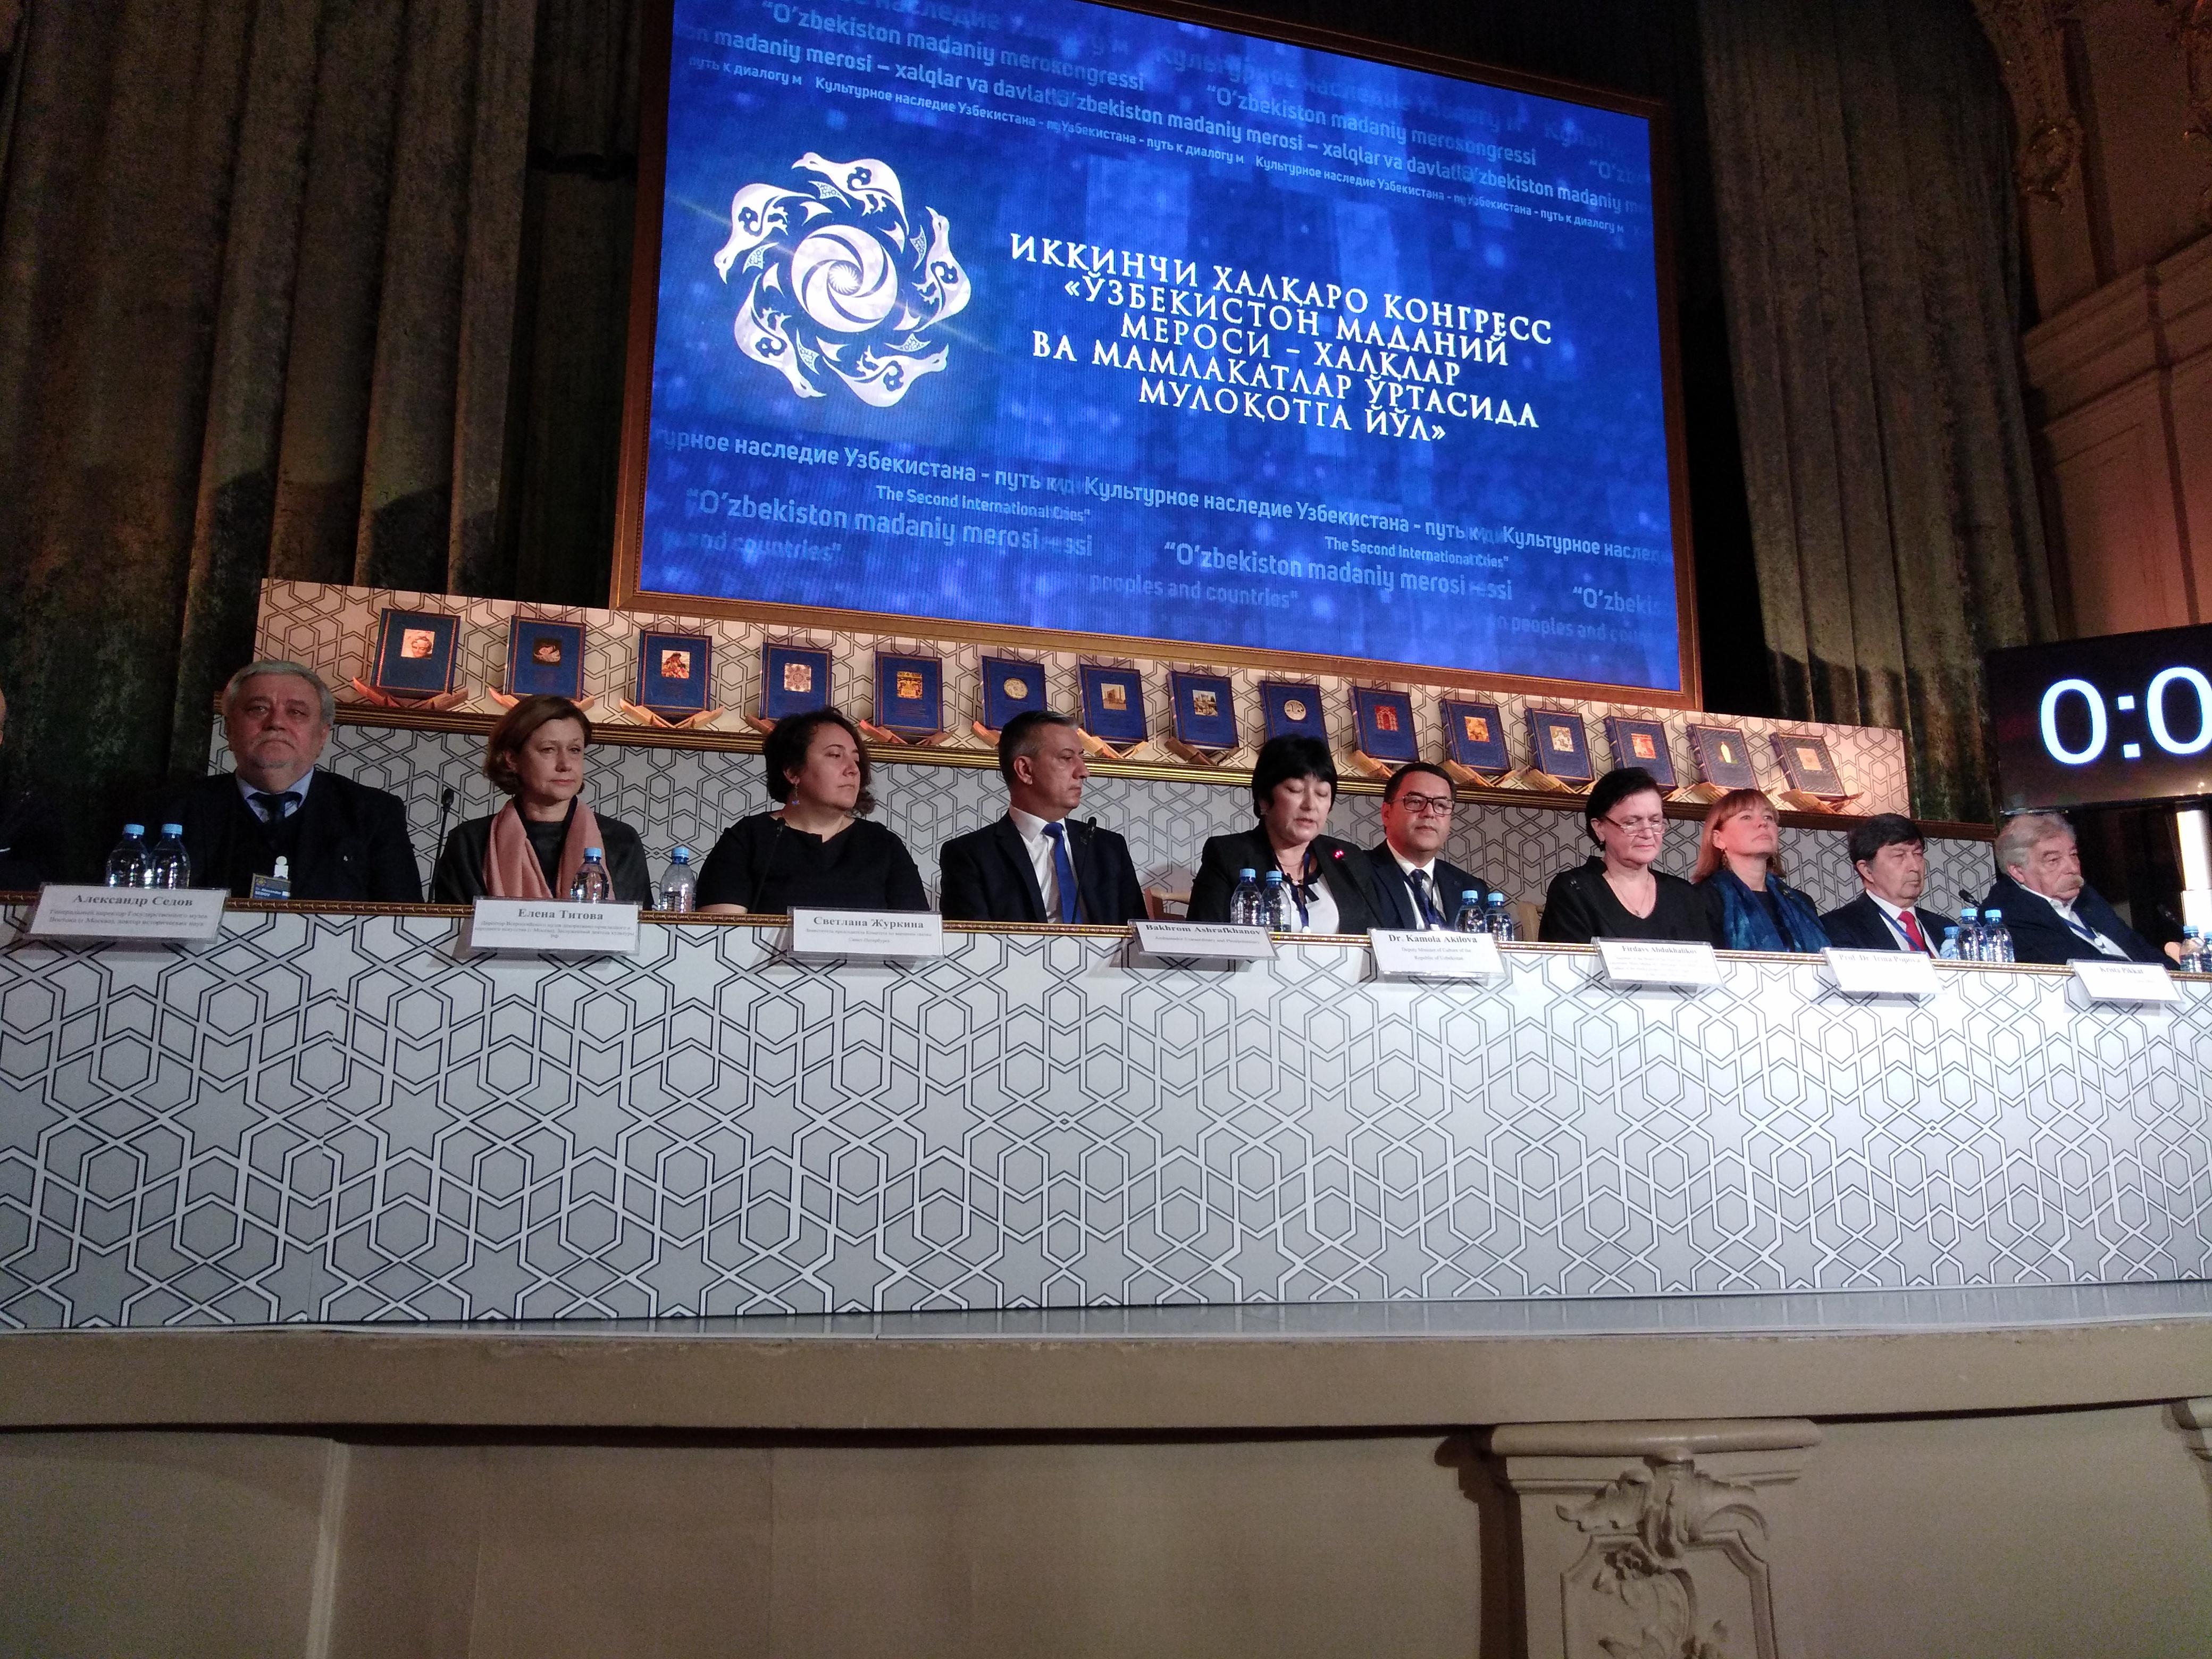 Учреждено Всемирное общество по изучению и сохранению культуры Узбекистана